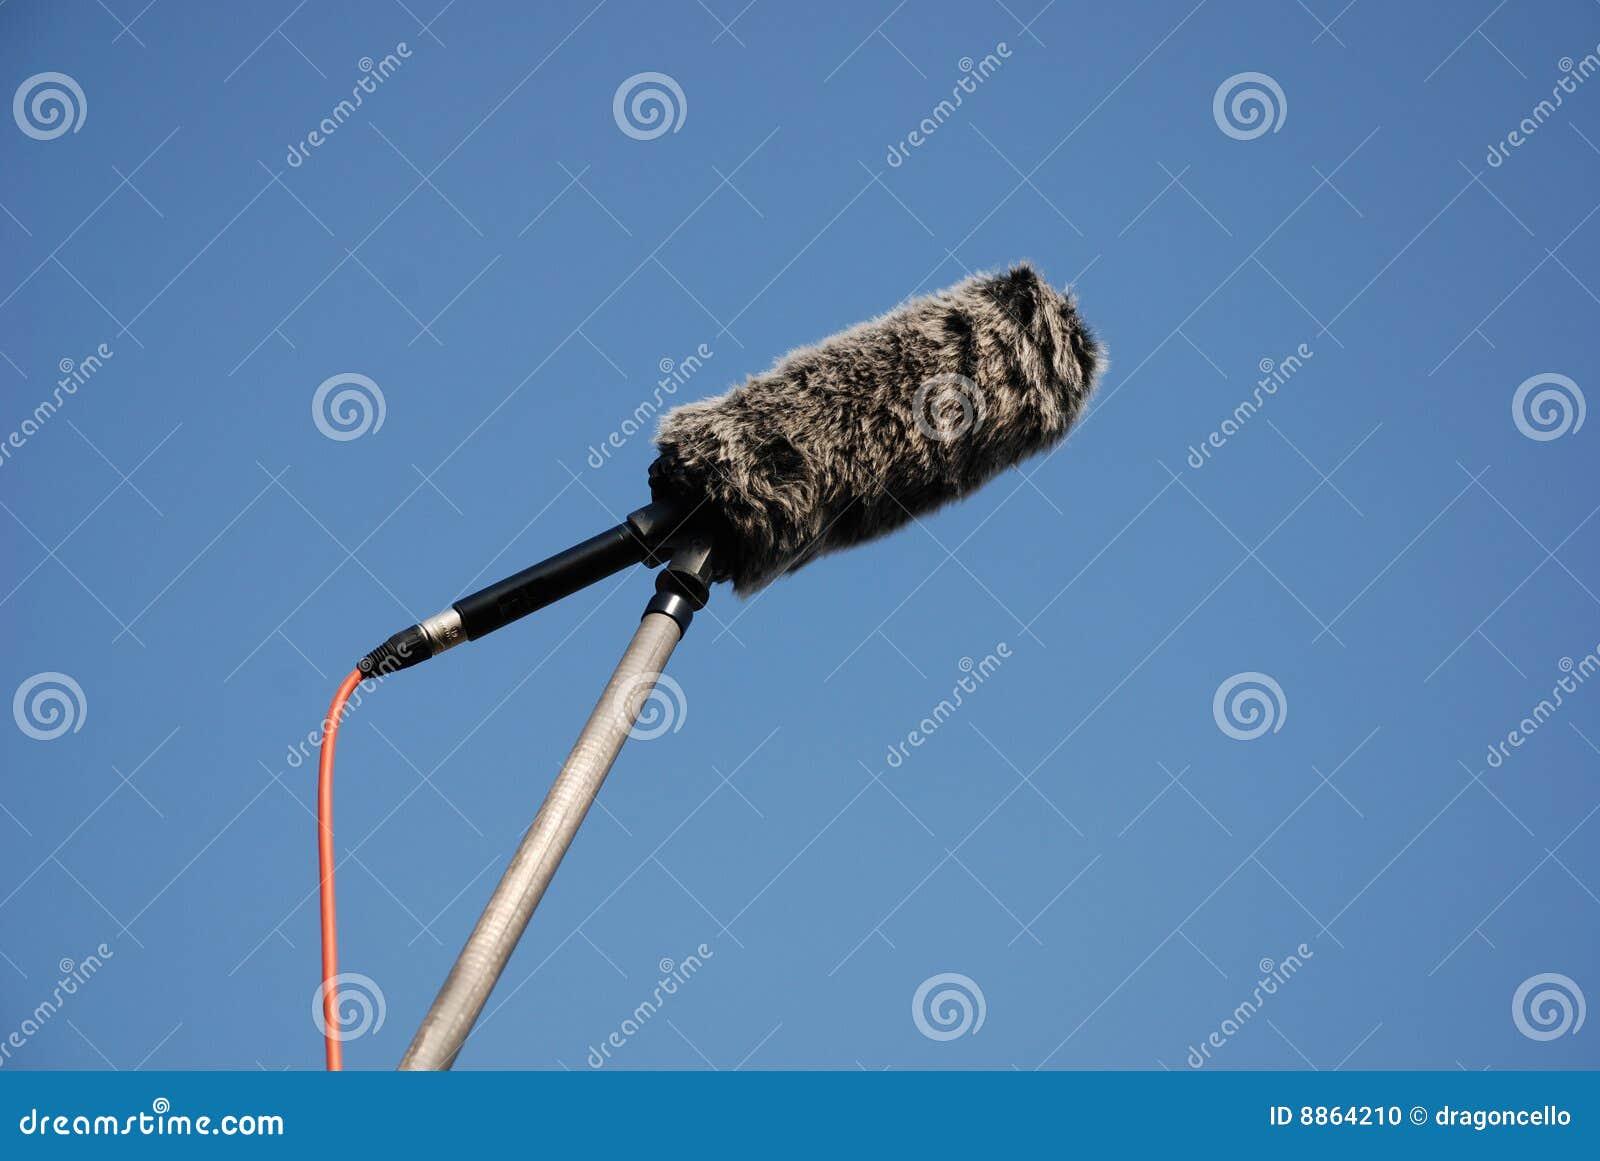 Mikrofonu ochraniacza flinty wiatr